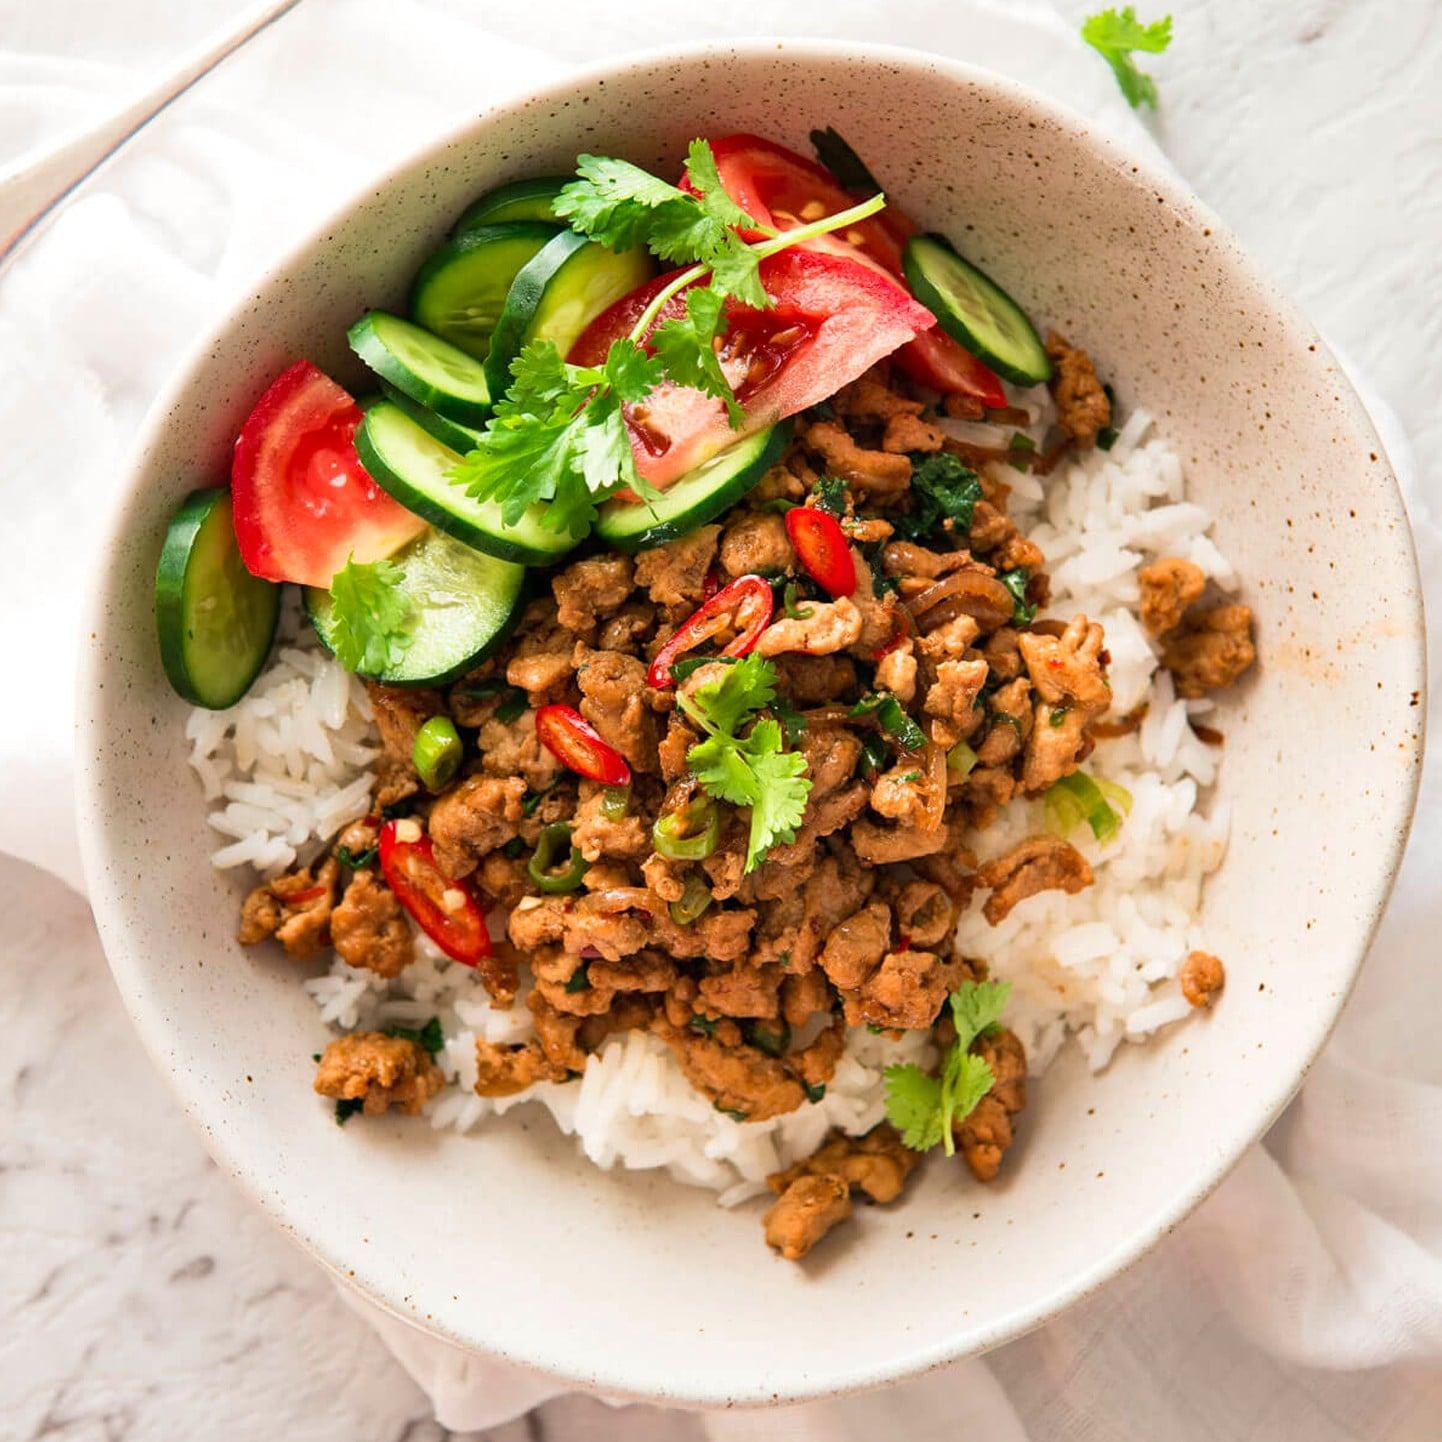 Healthy ground chicken recipes popsugar fitness forumfinder Gallery